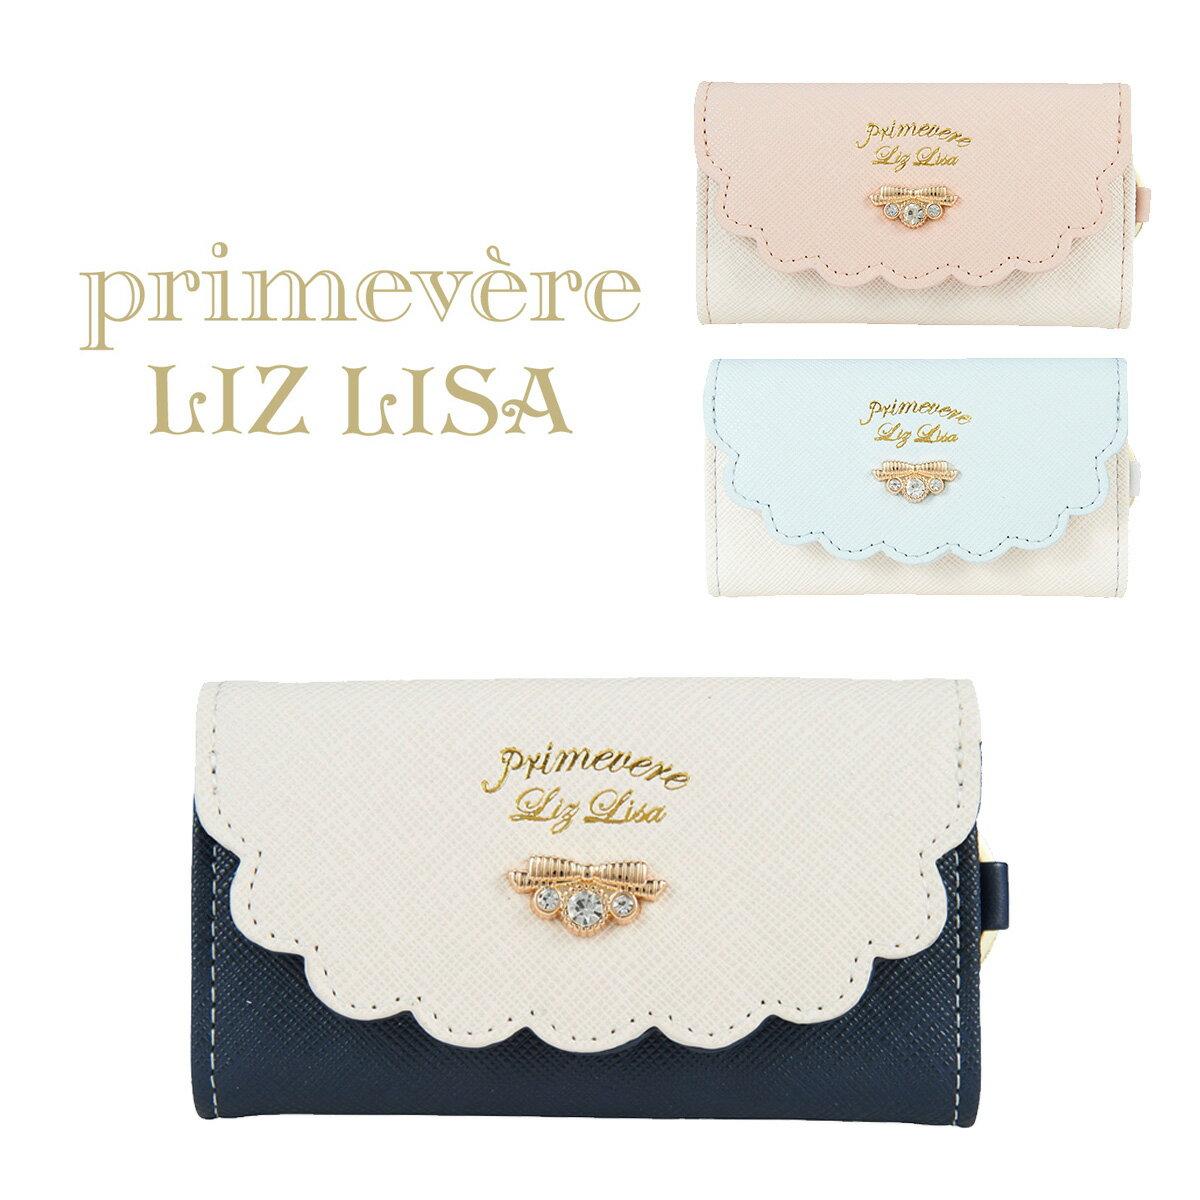 リズリサ Primevere LIZ LISA キーケース 64445 サボン 【 レディース 】[PO5][bef]